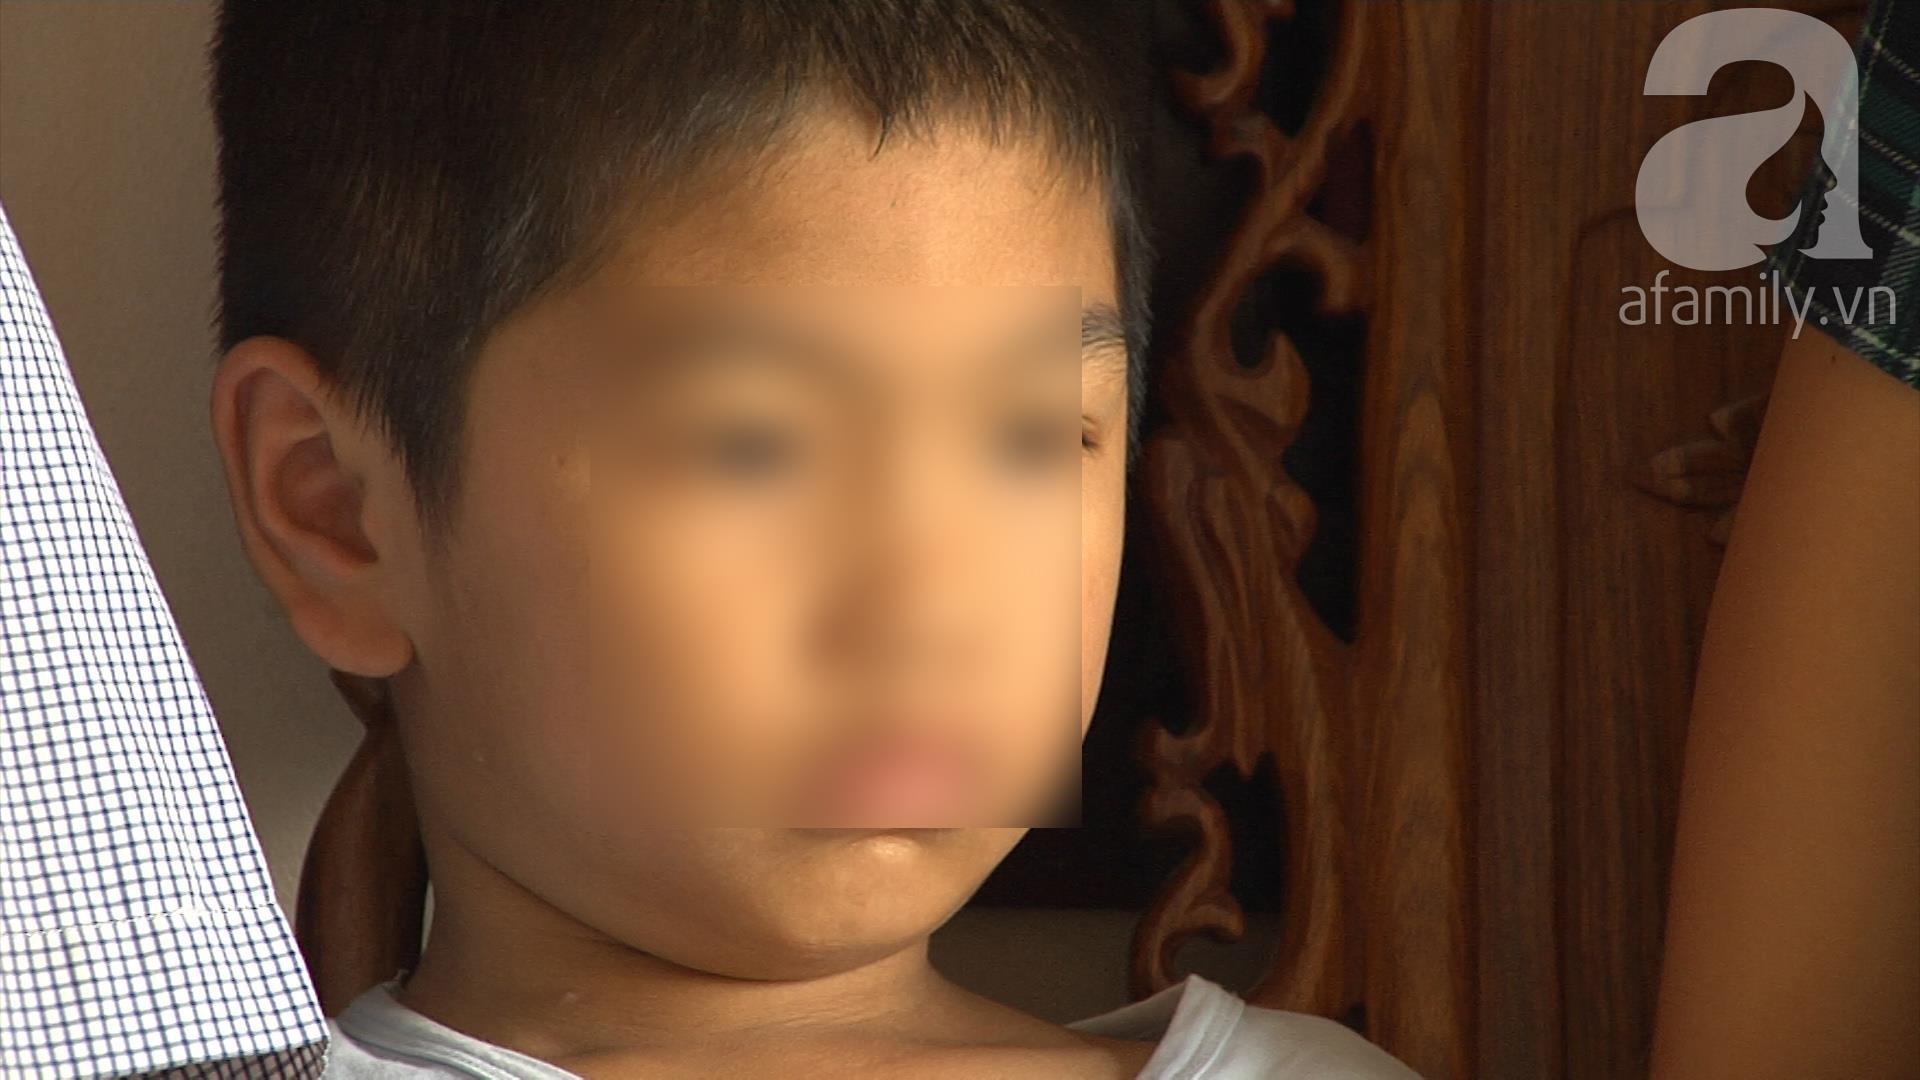 Bi kịch phía sau vụ trao nhầm con ở Hà Nội: Vợ chồng phải ly hôn vì con không giống ai - Ảnh 6.